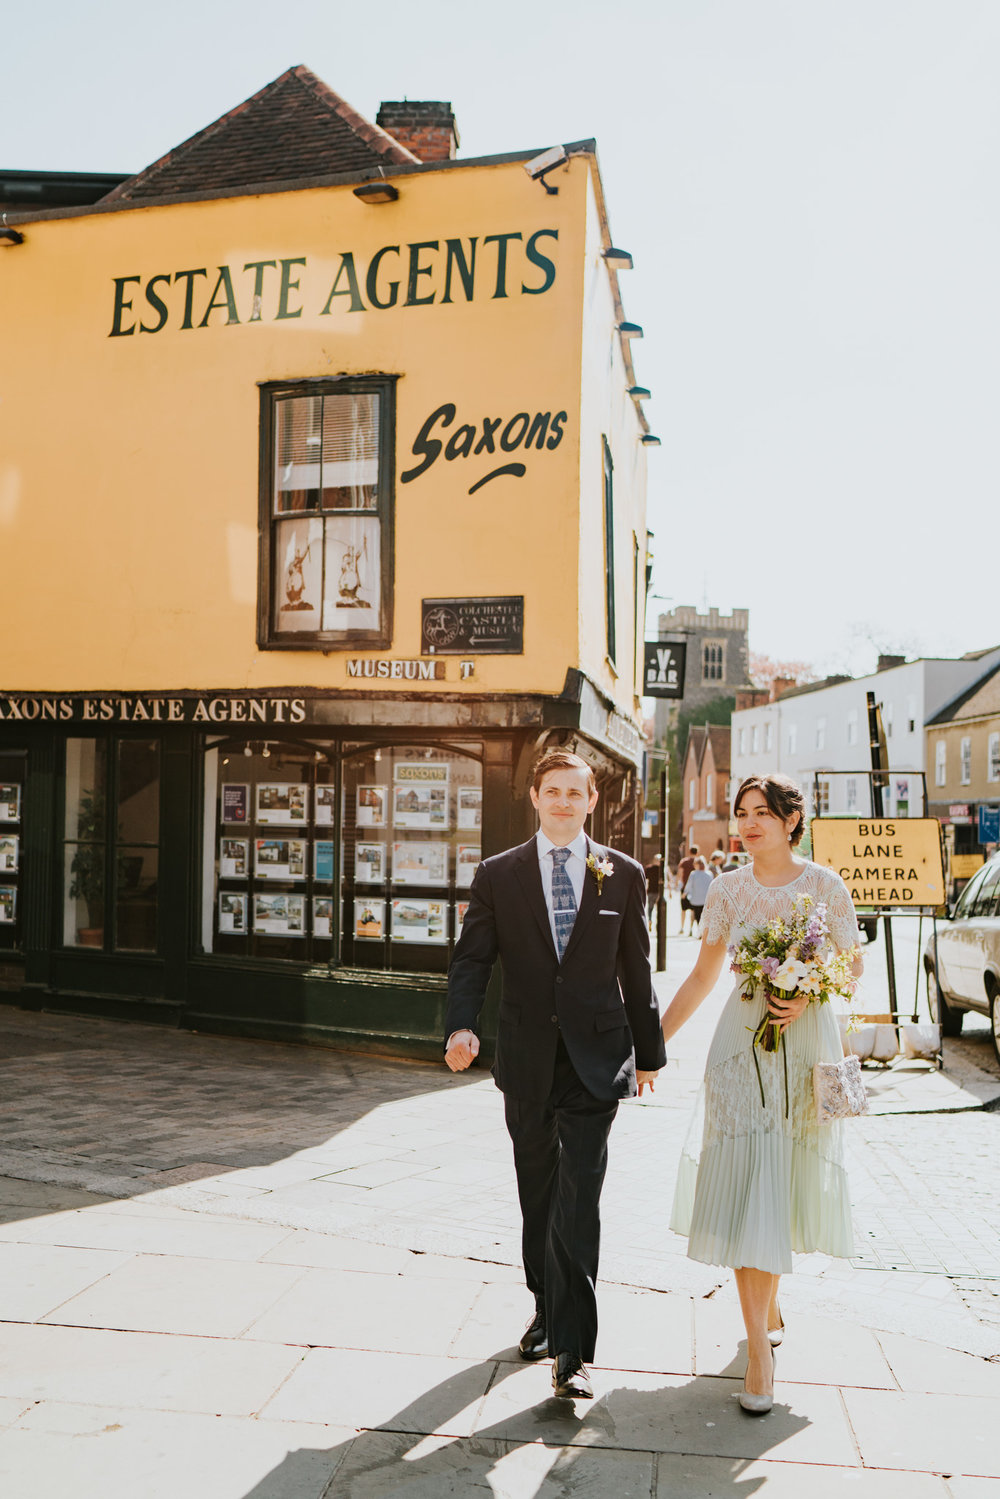 Will-Rhiannon-Art-Deco-Alterative-Essex-Wedding-Suffolk-Grace-Elizabeth-32.jpg